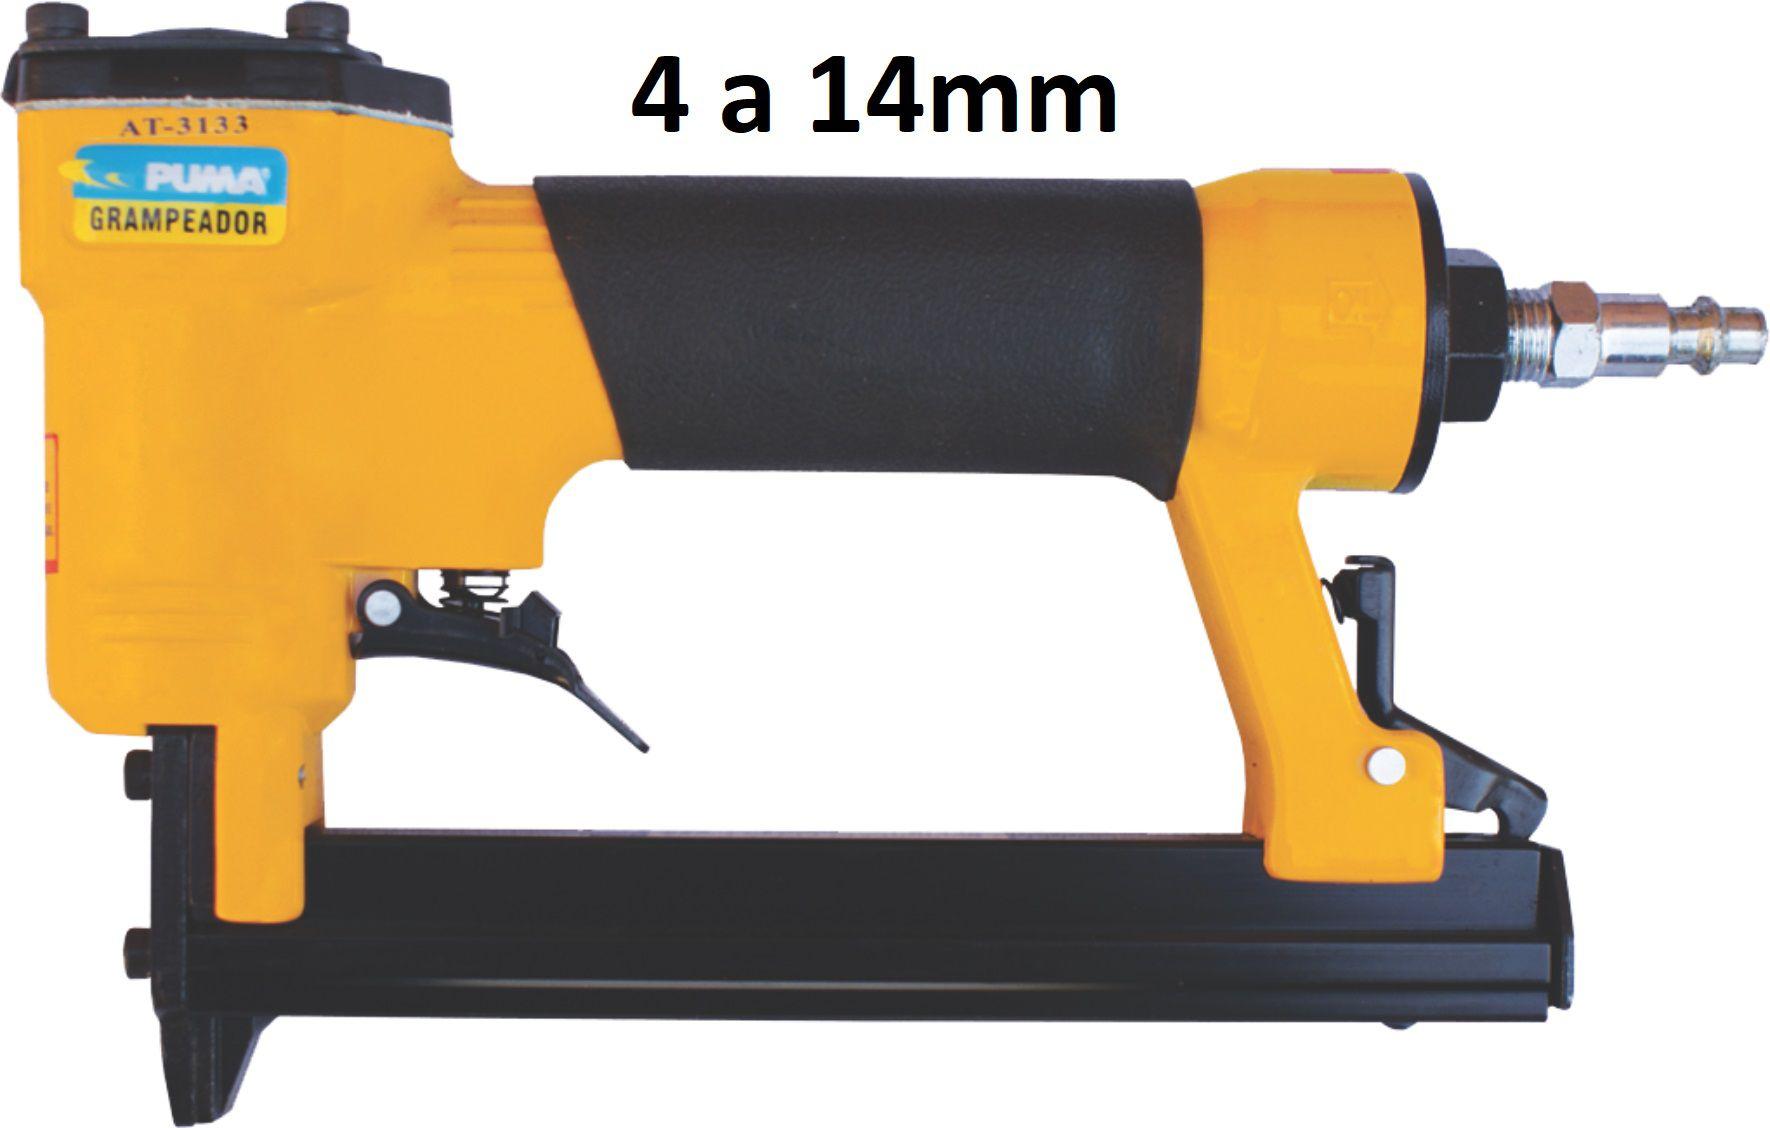 Grampeador Pneumático Profissional p/ Tapeçaria Grampos 4 a 14mm AT-3133 Puma